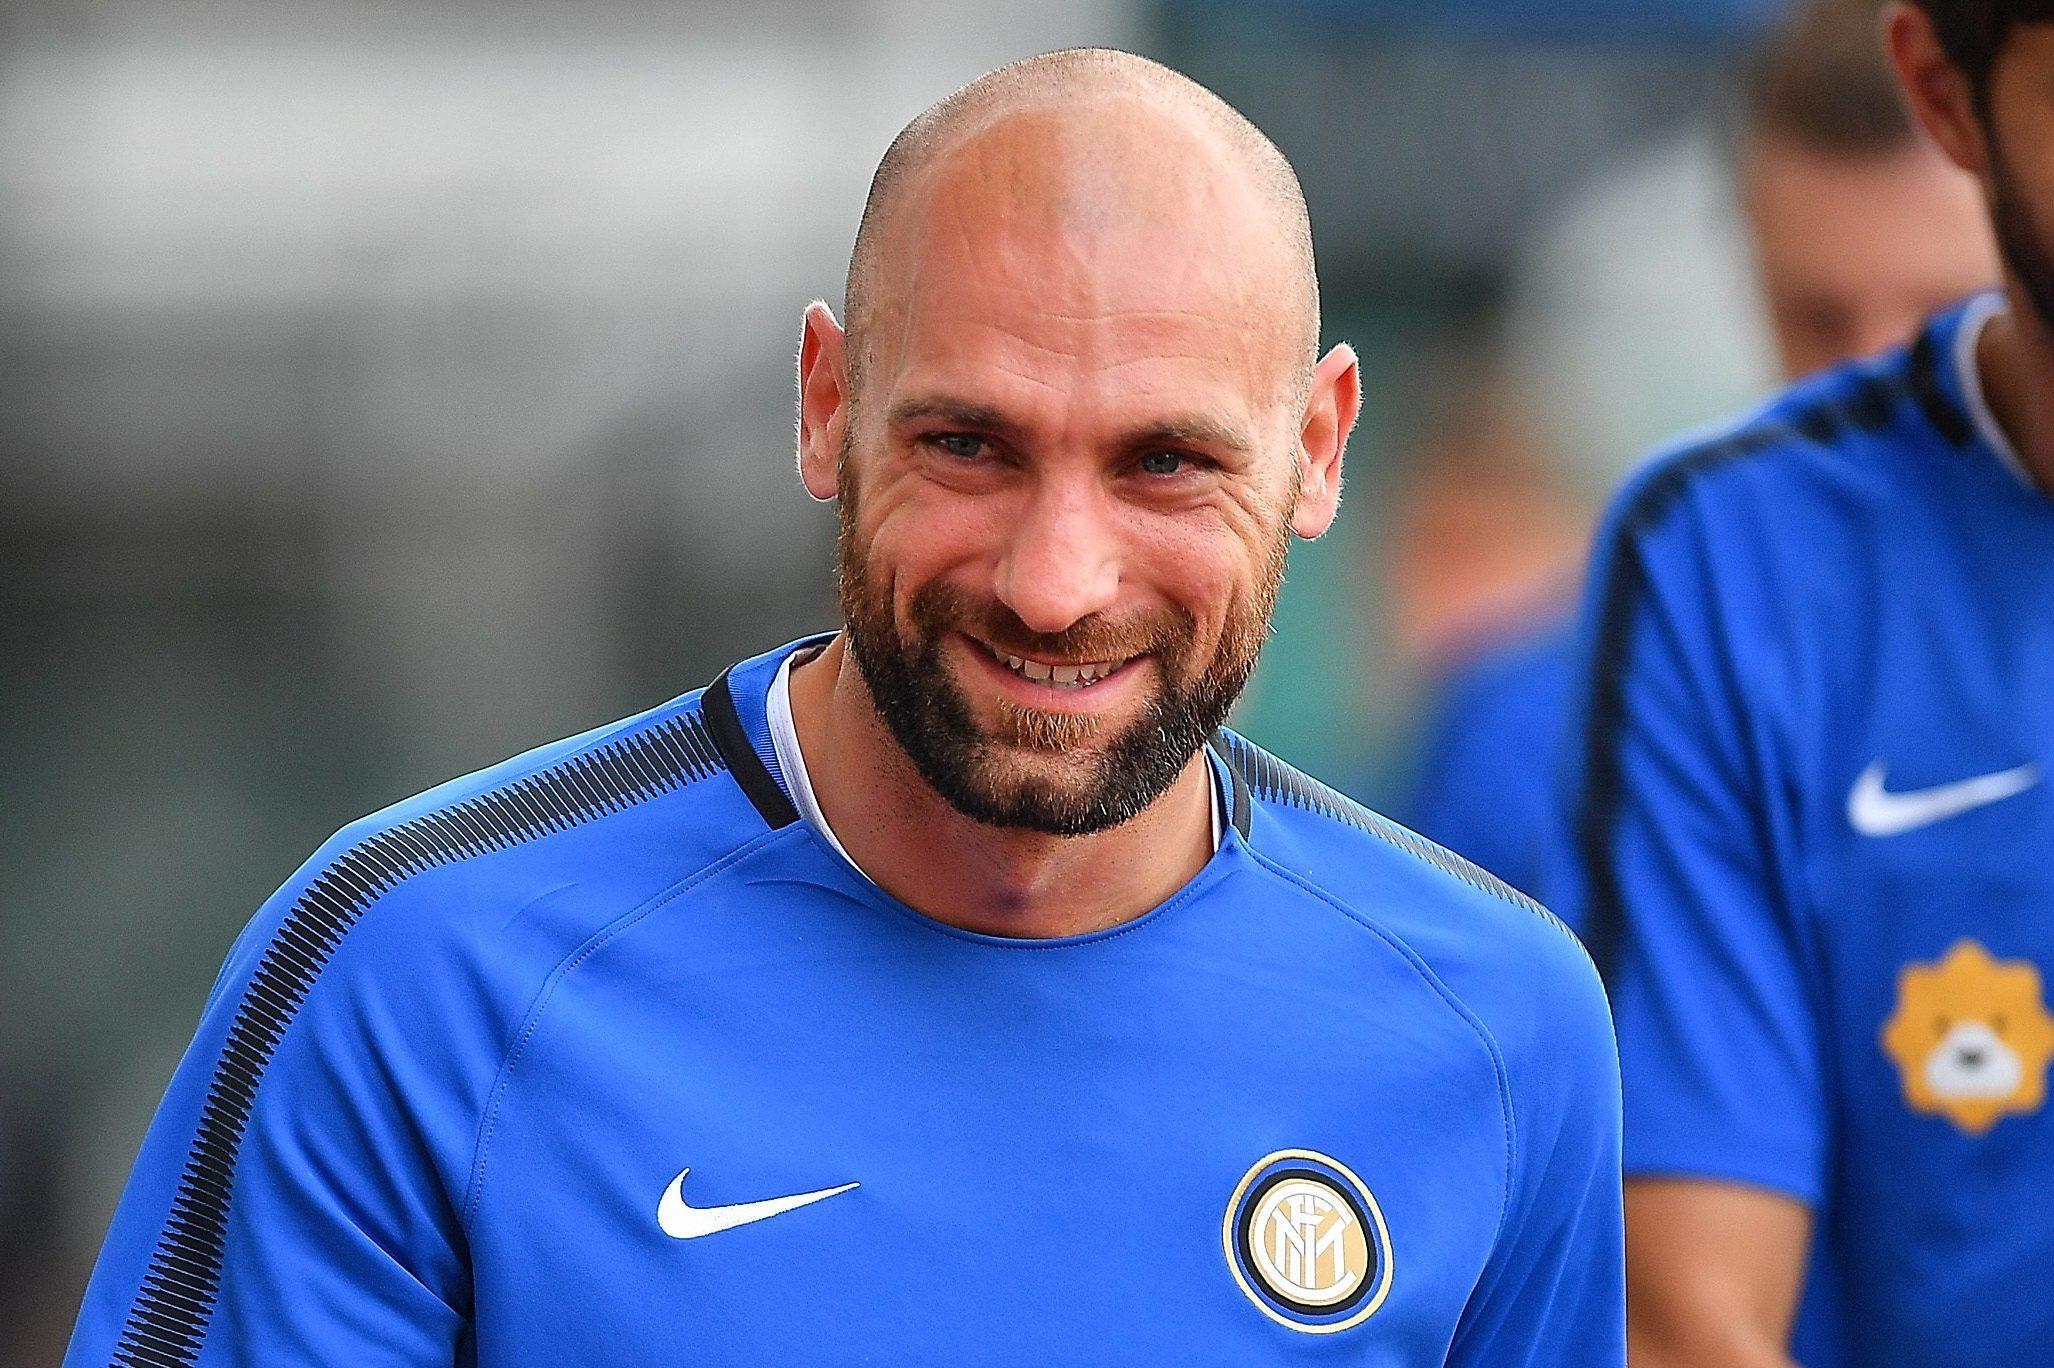 Tommaso Berni lascia l'Inter dopo sei anni, zero partite giocate e ...